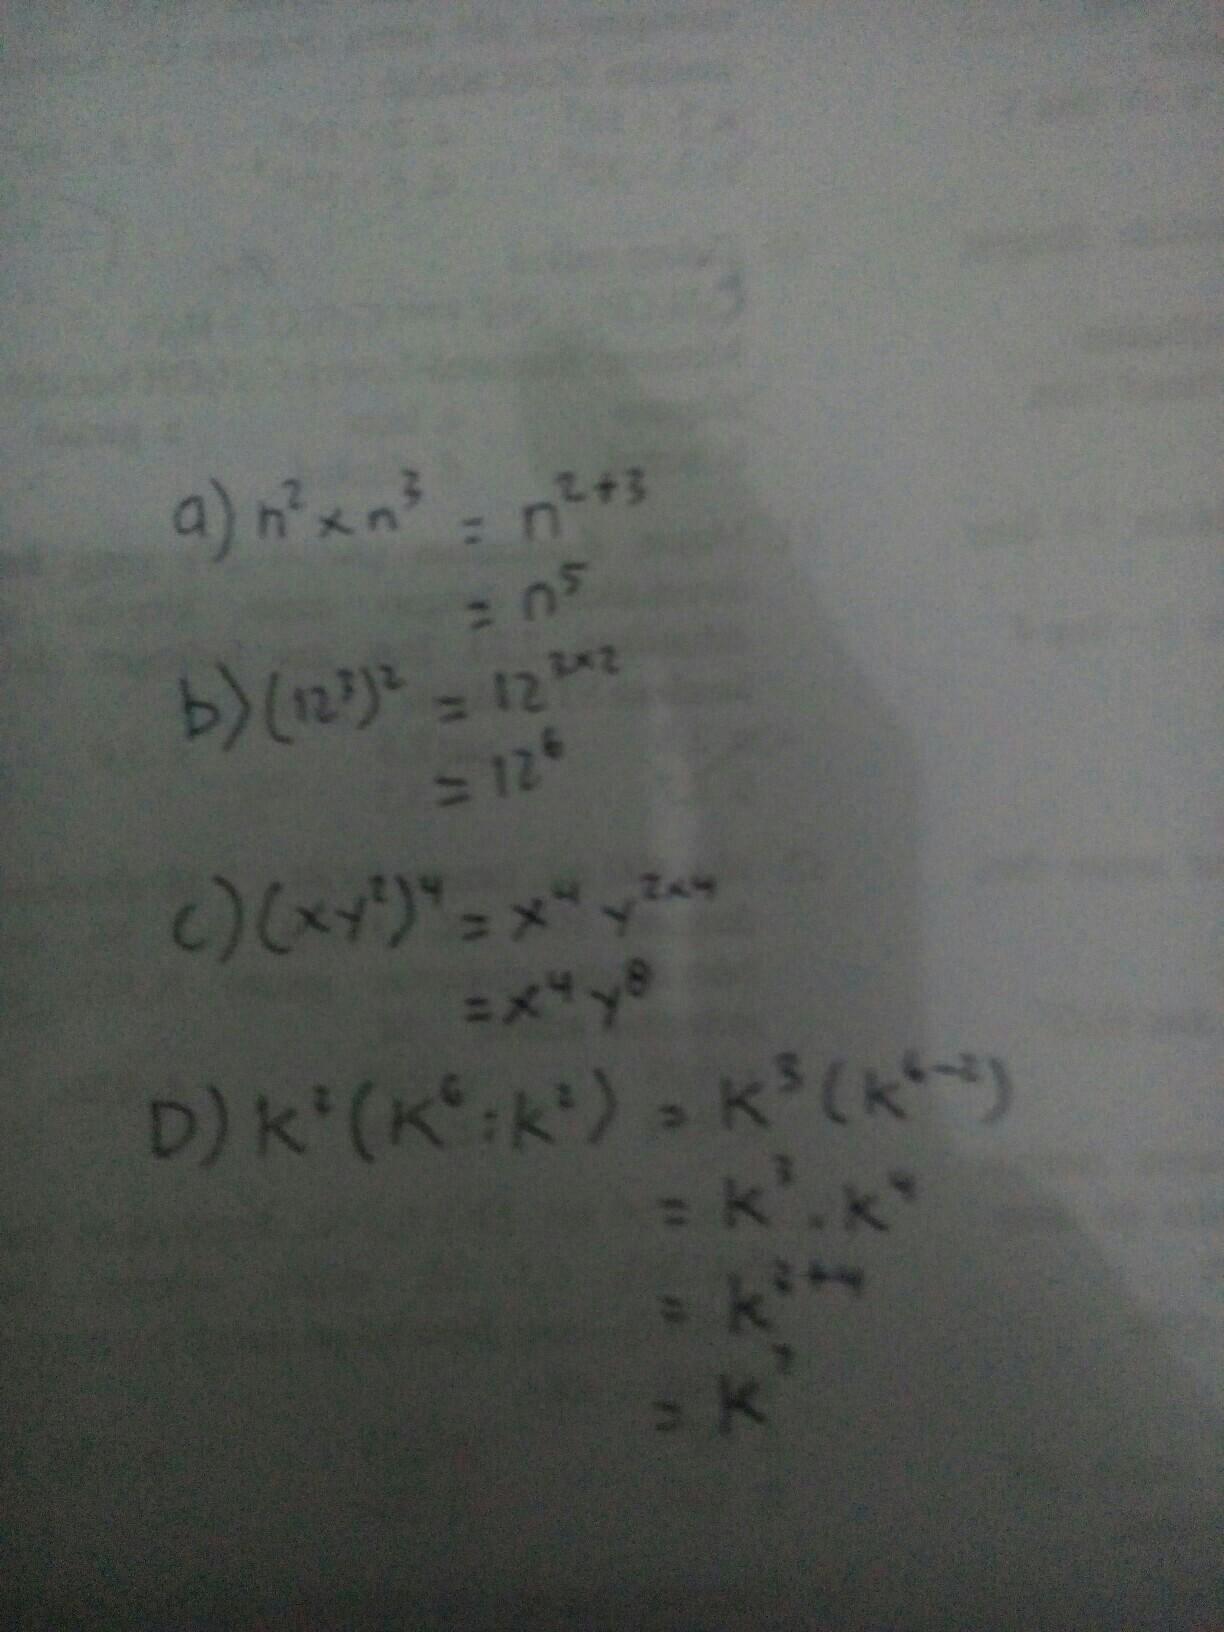 Tuliskan Dalam Bentuk Pangkat Paling Sederhana : tuliskan, dalam, bentuk, pangkat, paling, sederhana, Tulislah, Dalam, Bentuk, Paling, Sederhana, (12³)², C.(xy²)⁴, K6:k²), Brainly.co.id